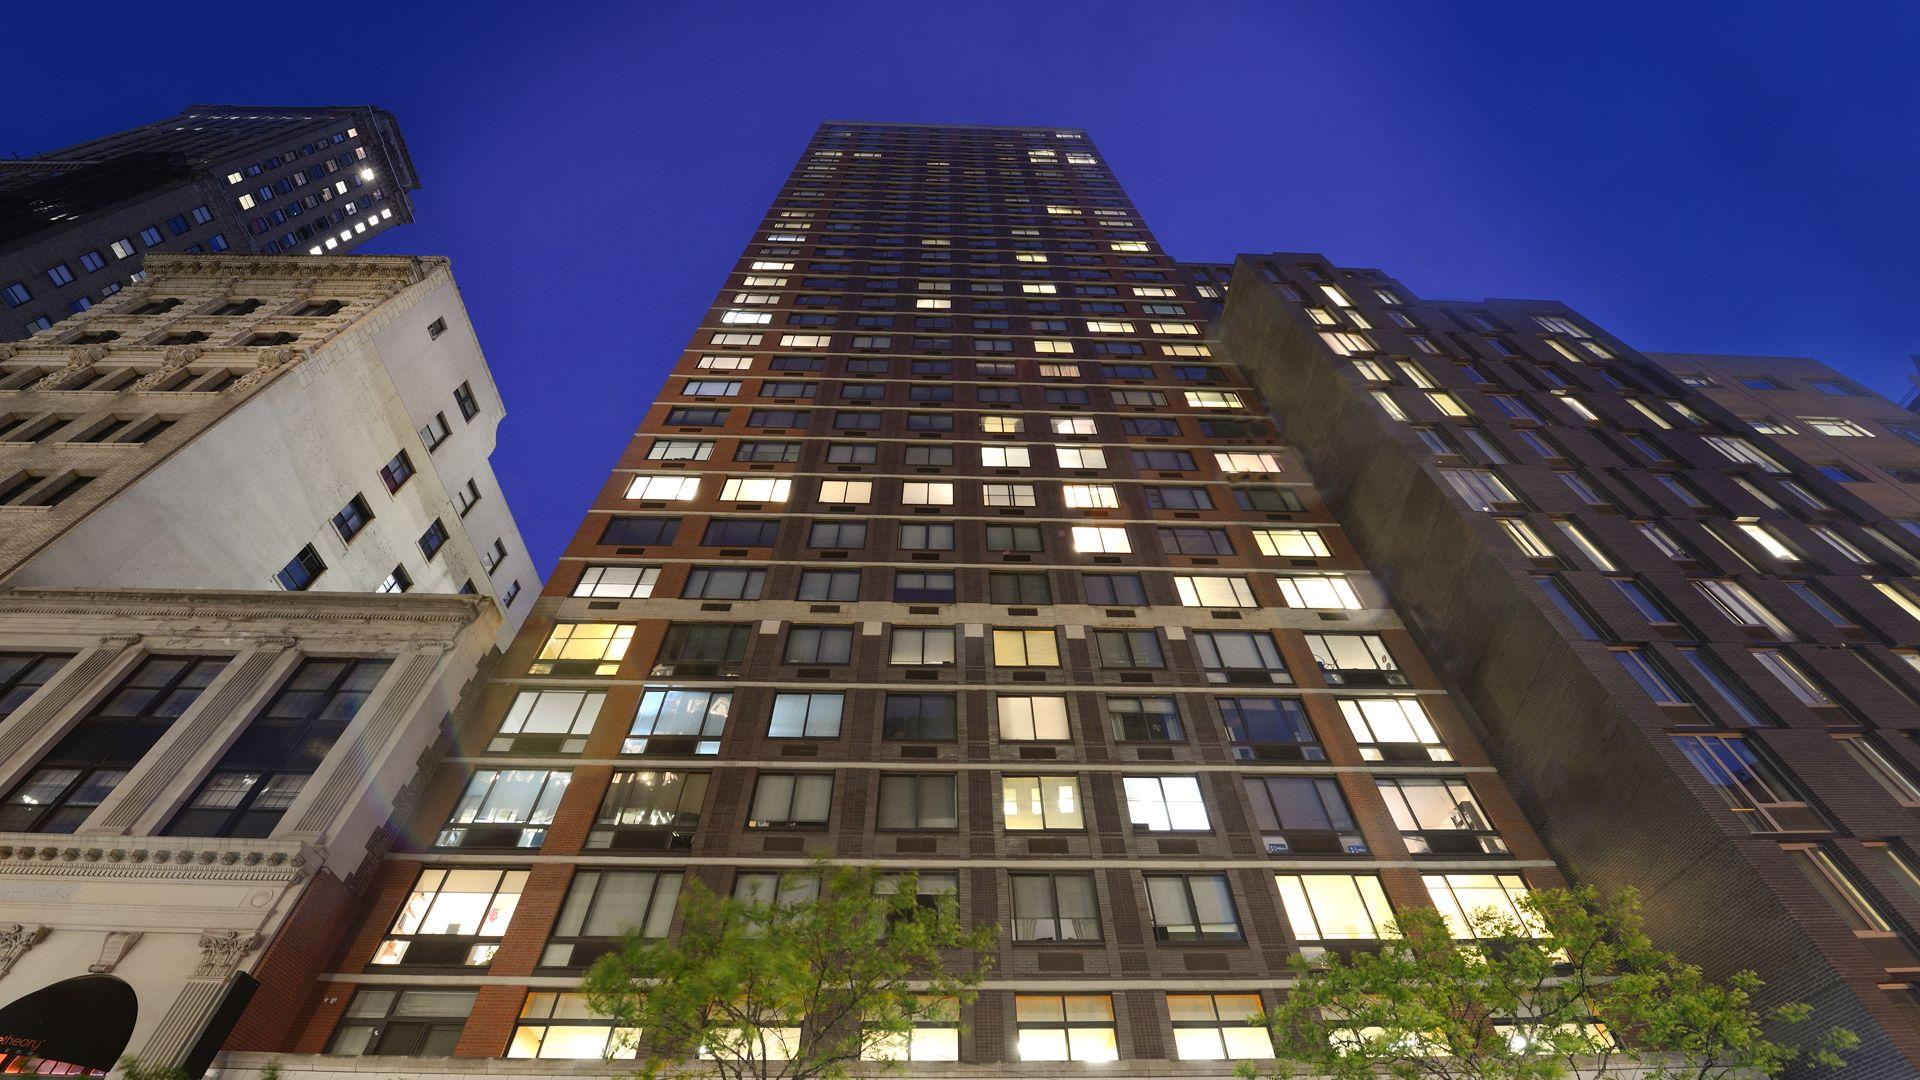 180 Montague Apartments - Exterior